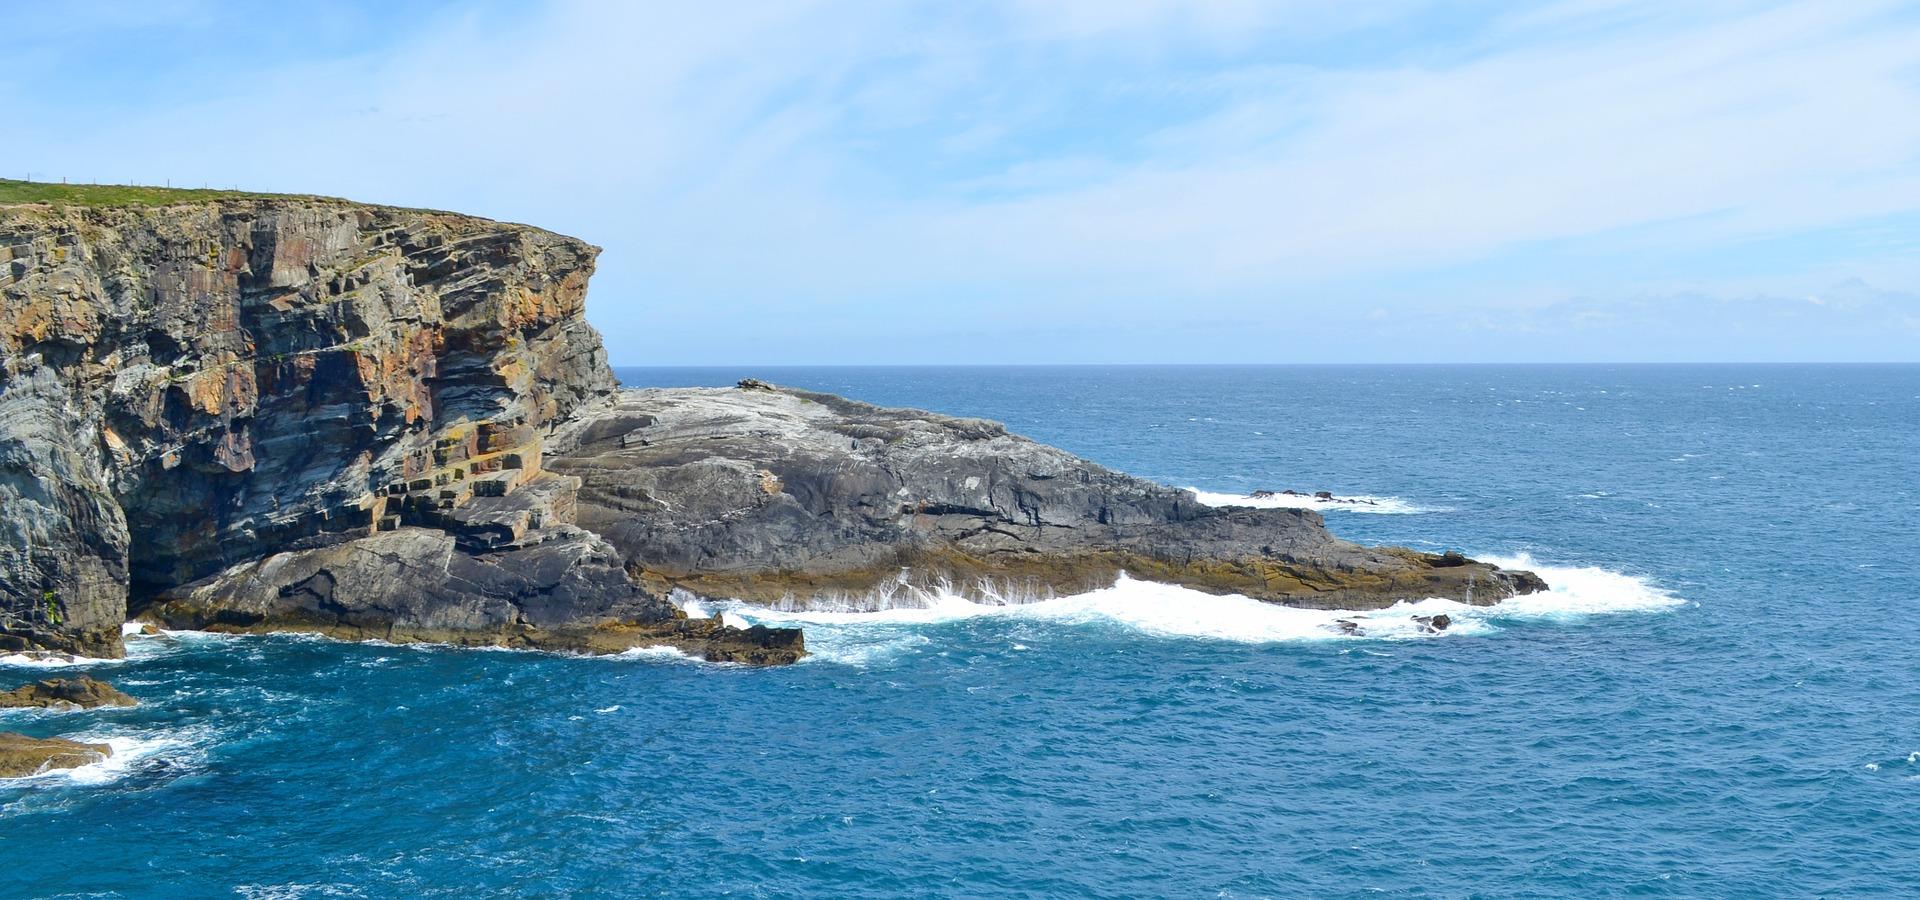 cliff-1477919_1920